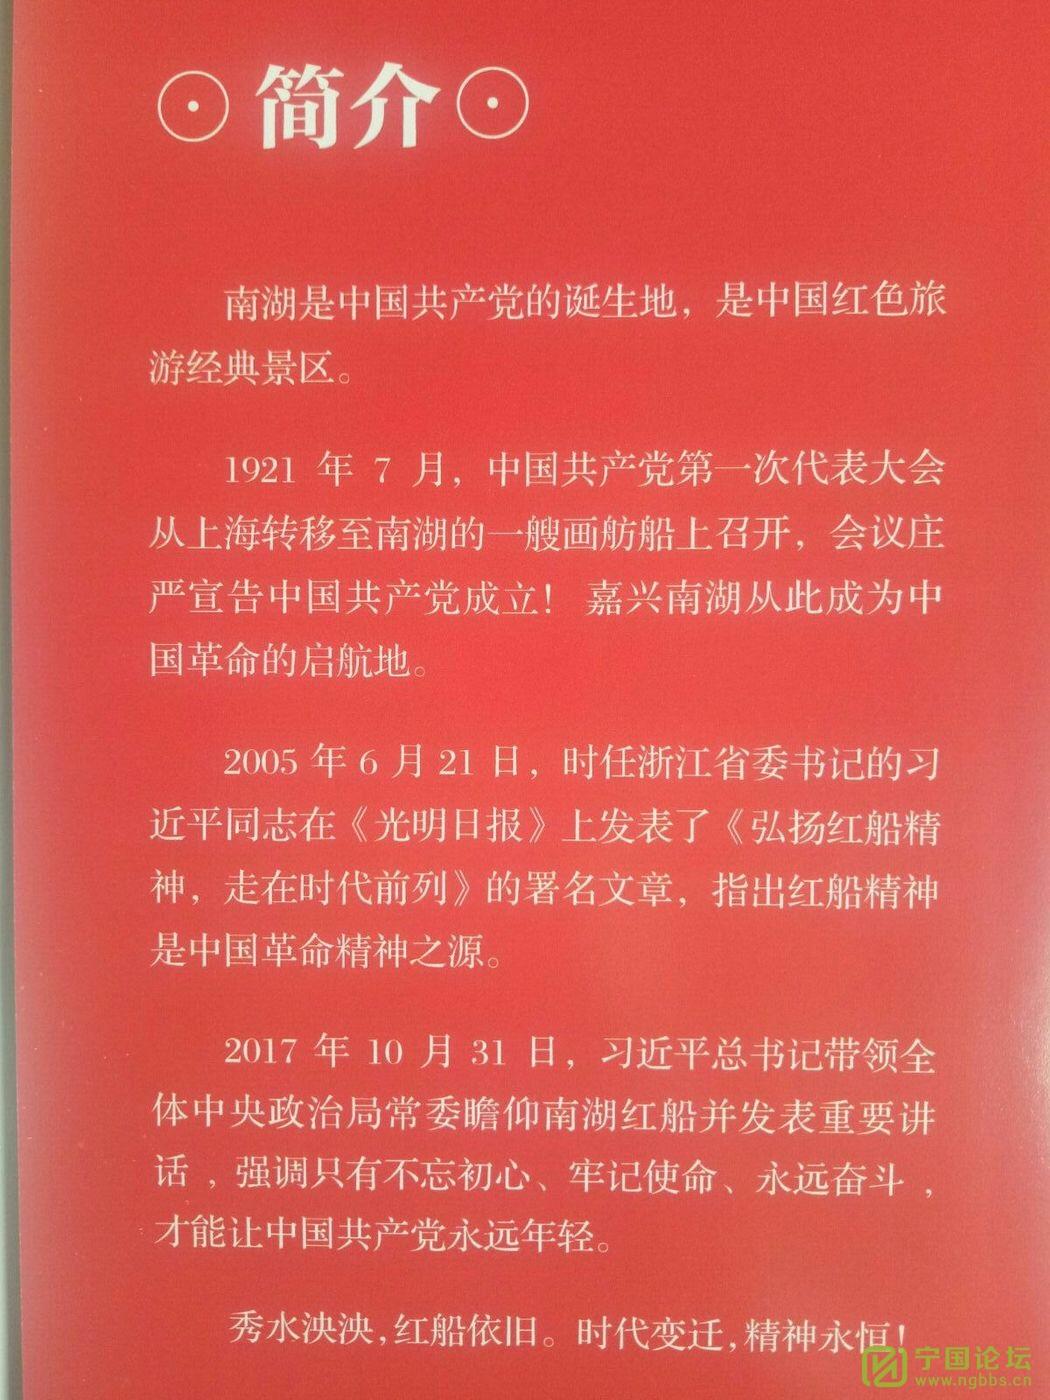 """宁国双益电子七一党支部活动 - 宁国论坛 - 在中国共产党建党97周年之际,公司全体党员来到中共""""一大""""会址----南湖参观学习"""